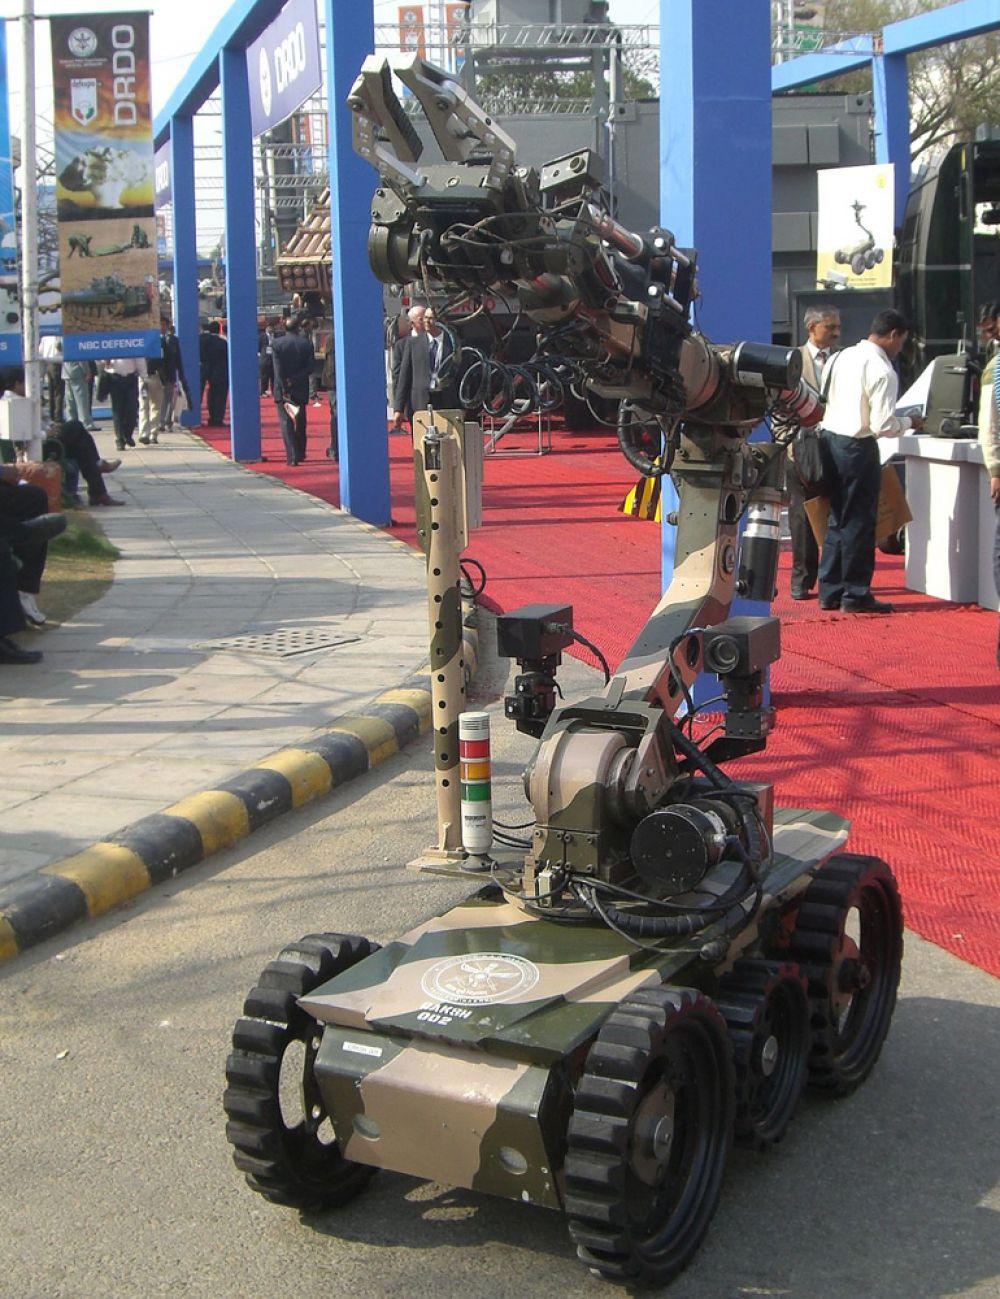 Индийские инженеры приступили к разработке вооруженной версии робота «Daksh». Первоначально эта машина была предназначена для обезвреживания различных взрывных устройств. Новый робот, получивший название «GMR» (Gun Mounted Robot), обзаведётся ленточным пулеметом калибра 7,62 и гранатометом калибра 30 миллиметров. Кроме того, дистанционно управляемый боевой дроид будет оснащён системой ночного видения, термосканером и видекамерой, что позволит ему функционировать в любое время суток.